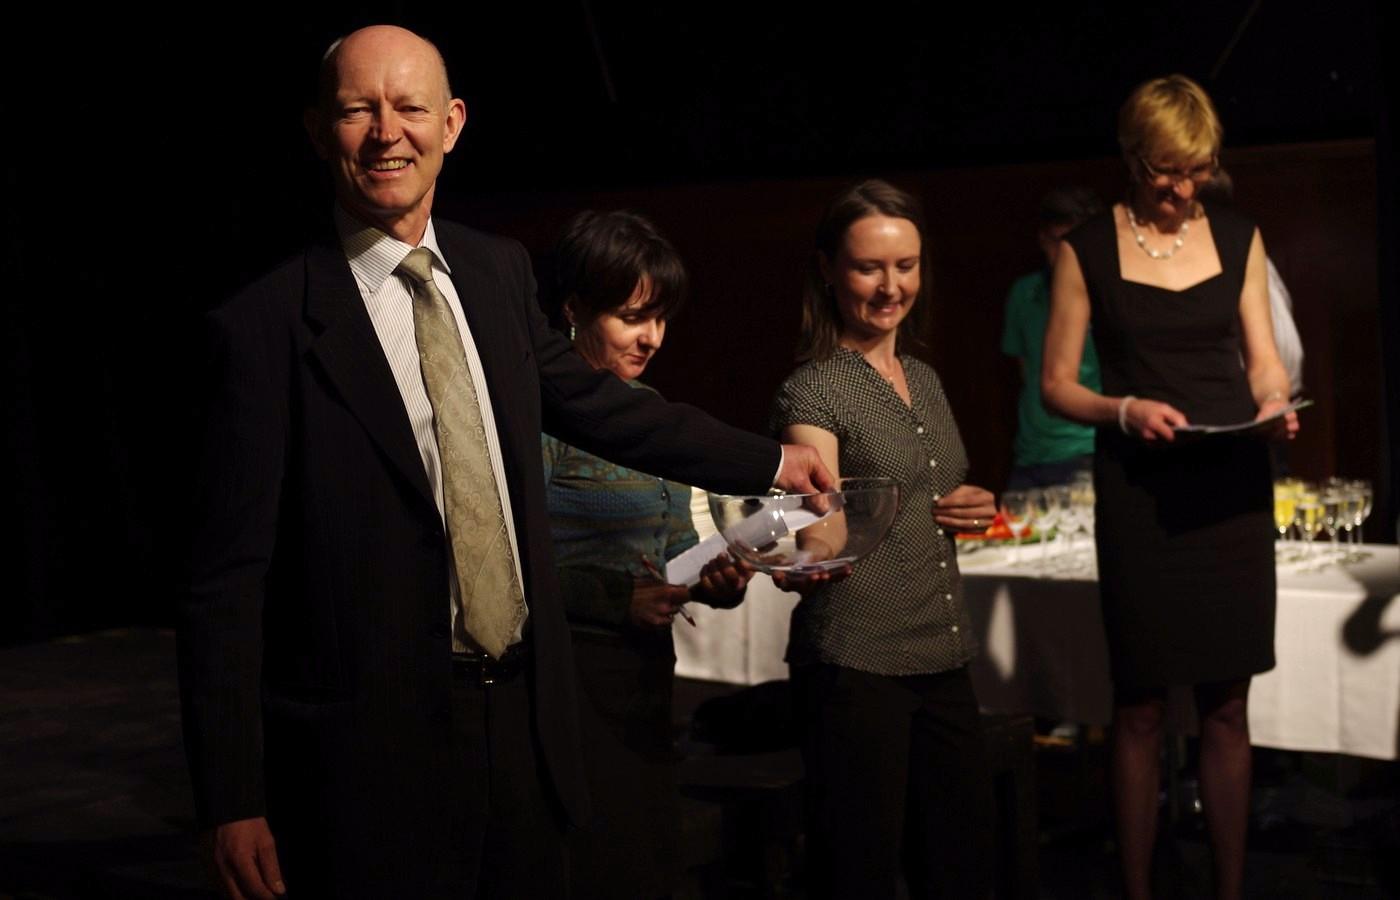 Velvyslanec Norského království Jens Eikaas vylosoval v Praze dne 28. dubna 2012 výherce geocachingové soutěže, kterou po šest měsíců pořádalo ministerstvo financí a norská ambasáda v rámci soutěže Objevte Norsko v Česku